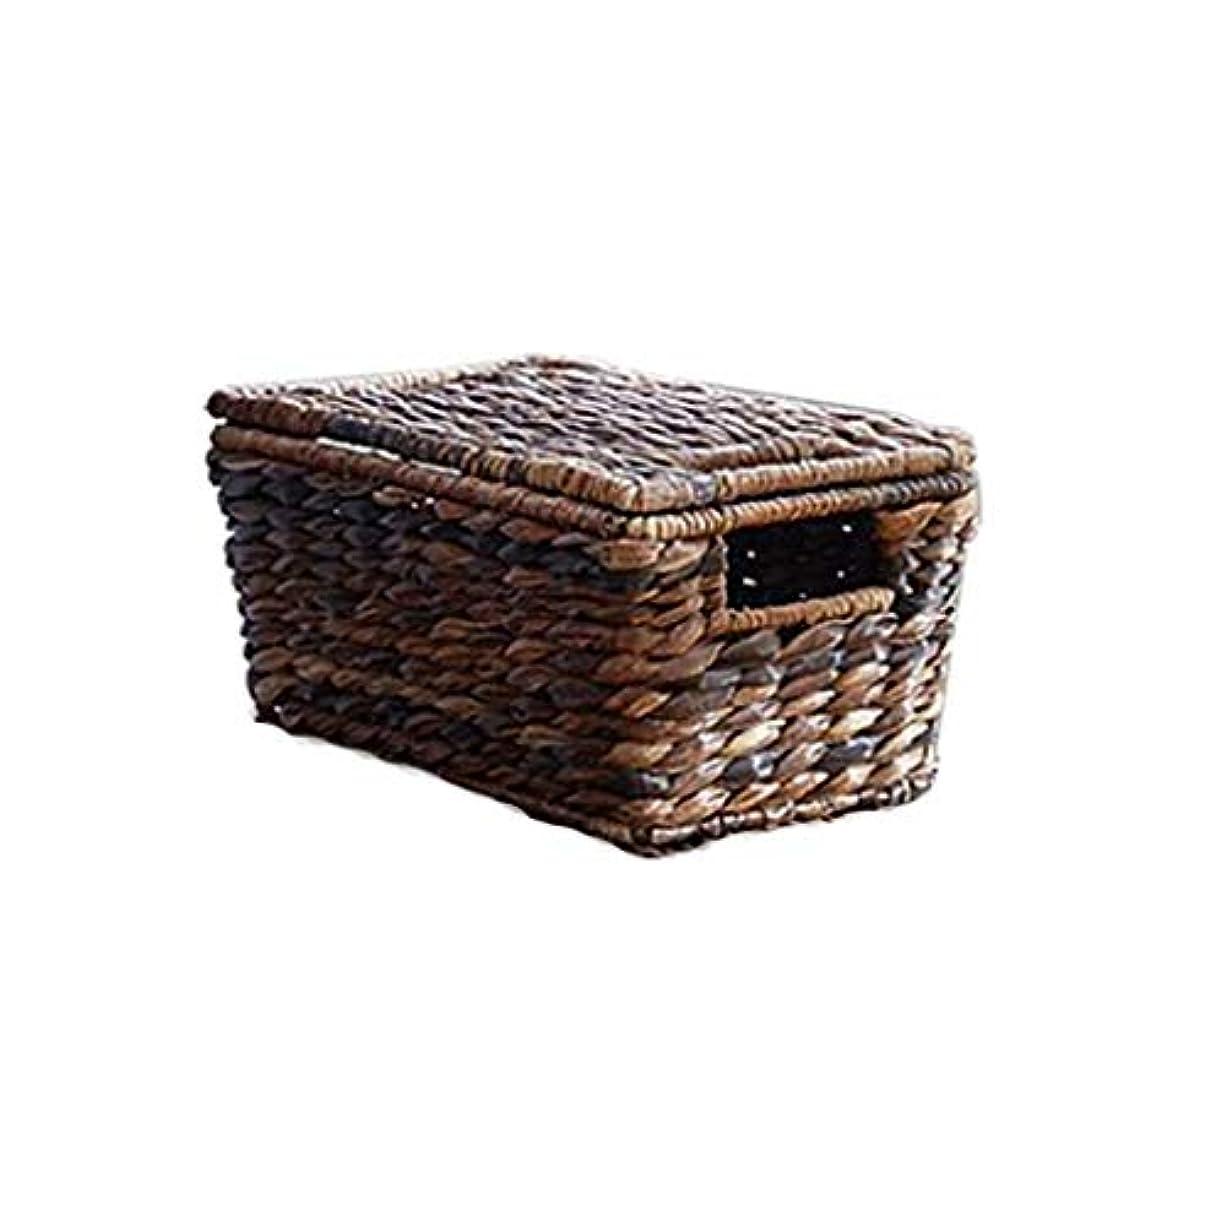 強要記憶に残る不均一QYSZYG 覆われた収納バスケット収納ボックス、ワードローブ収納バスケット、季節に収納することができ、3つのサイズで利用可能 収納バスケット (サイズ さいず : L l)